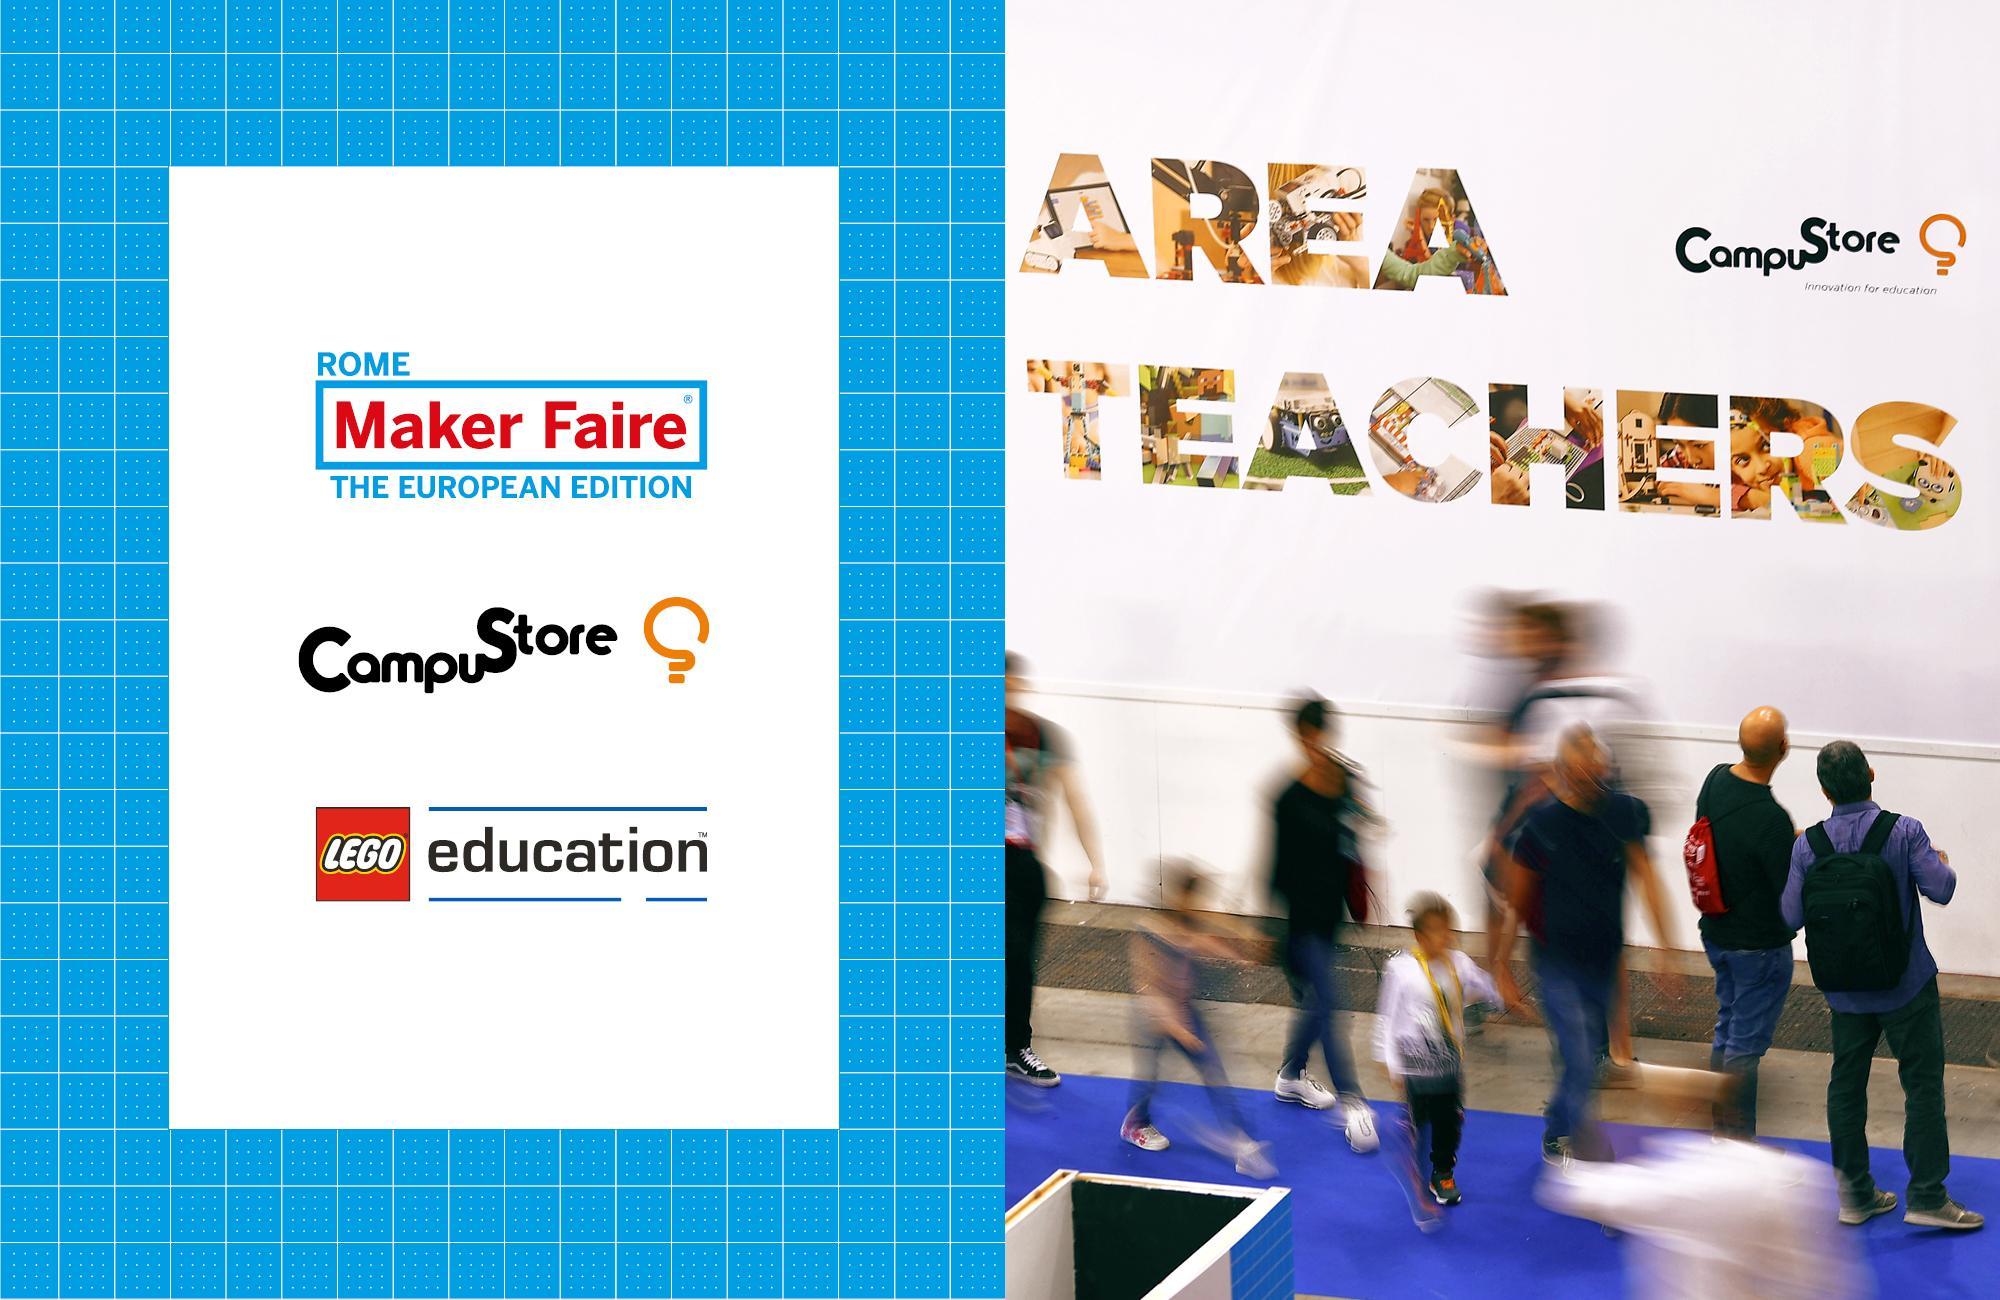 Ragazze robotiche: attività inclusive per la scuola secondaria con LEGO MINDSTORMS Education EV3